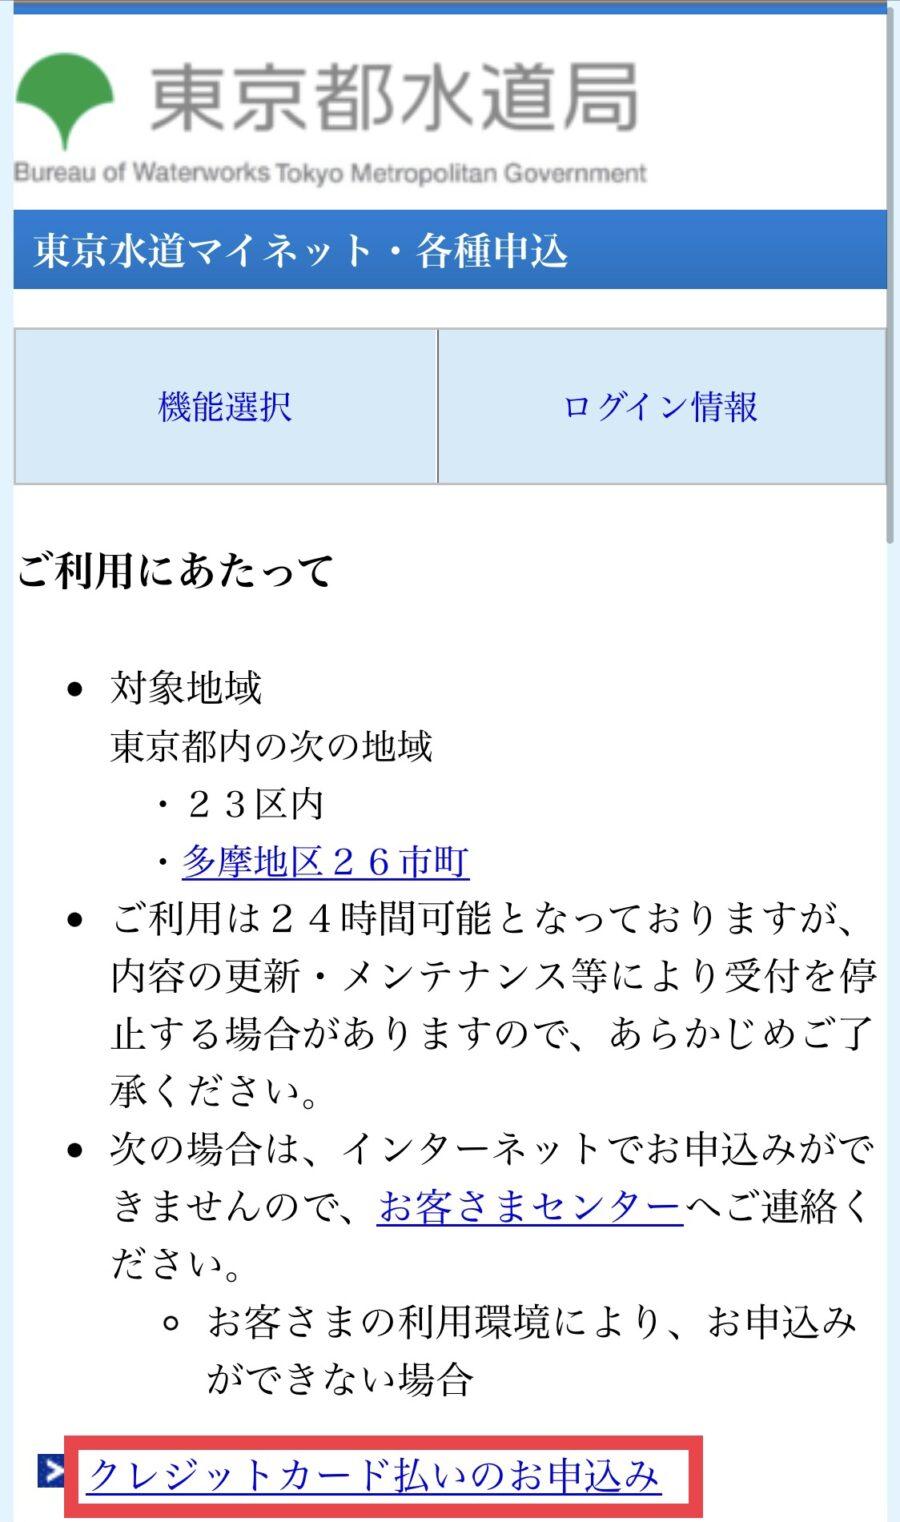 東京都水道局2